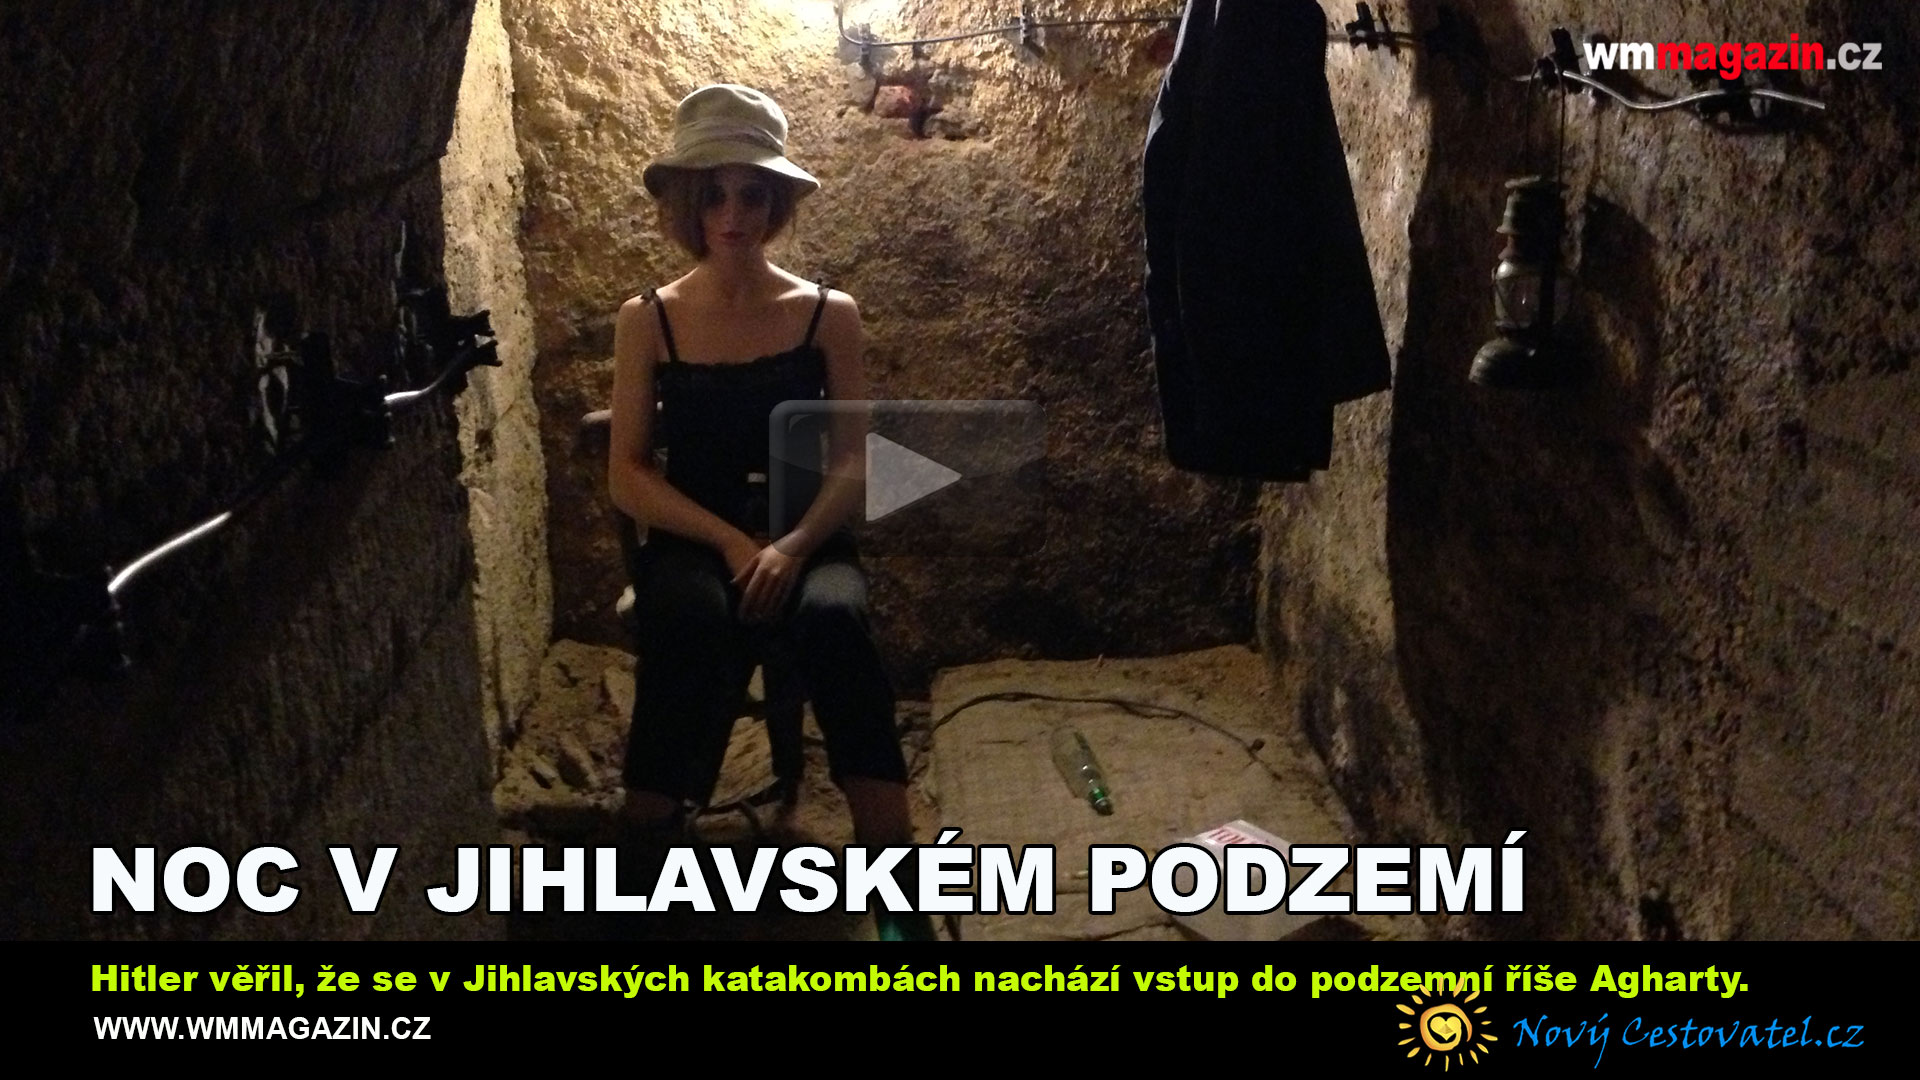 Noc v Jihlavském podzemí